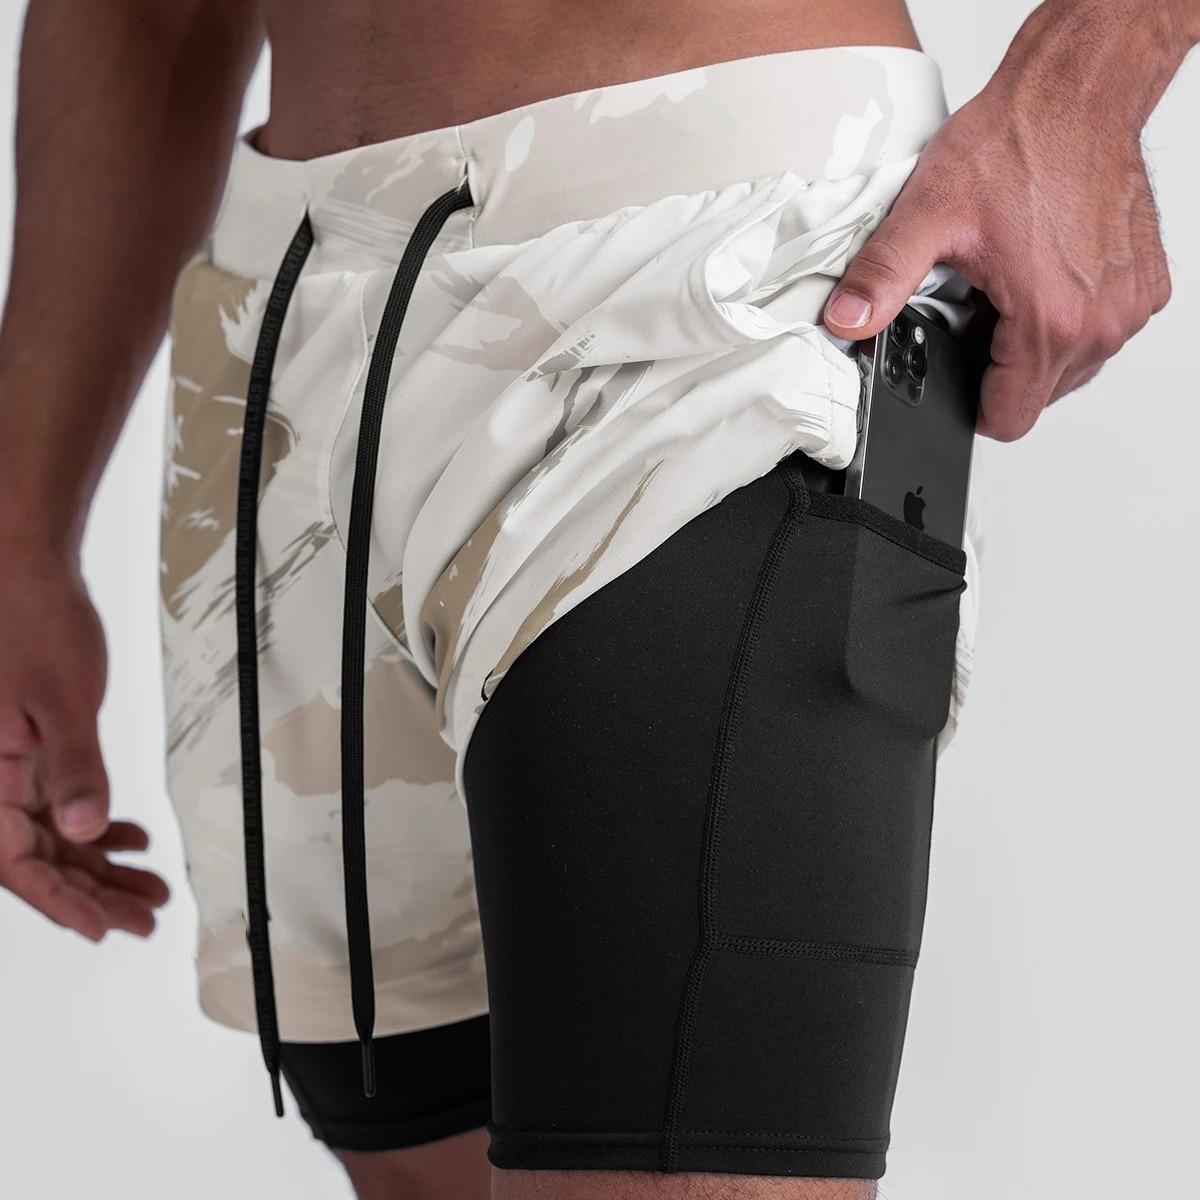 Мужские камуфляжные шорты для бега, 2 в 1, быстросохнущие спортивные шорты для бега и тренировок, мужские спортивные шорты, 2021